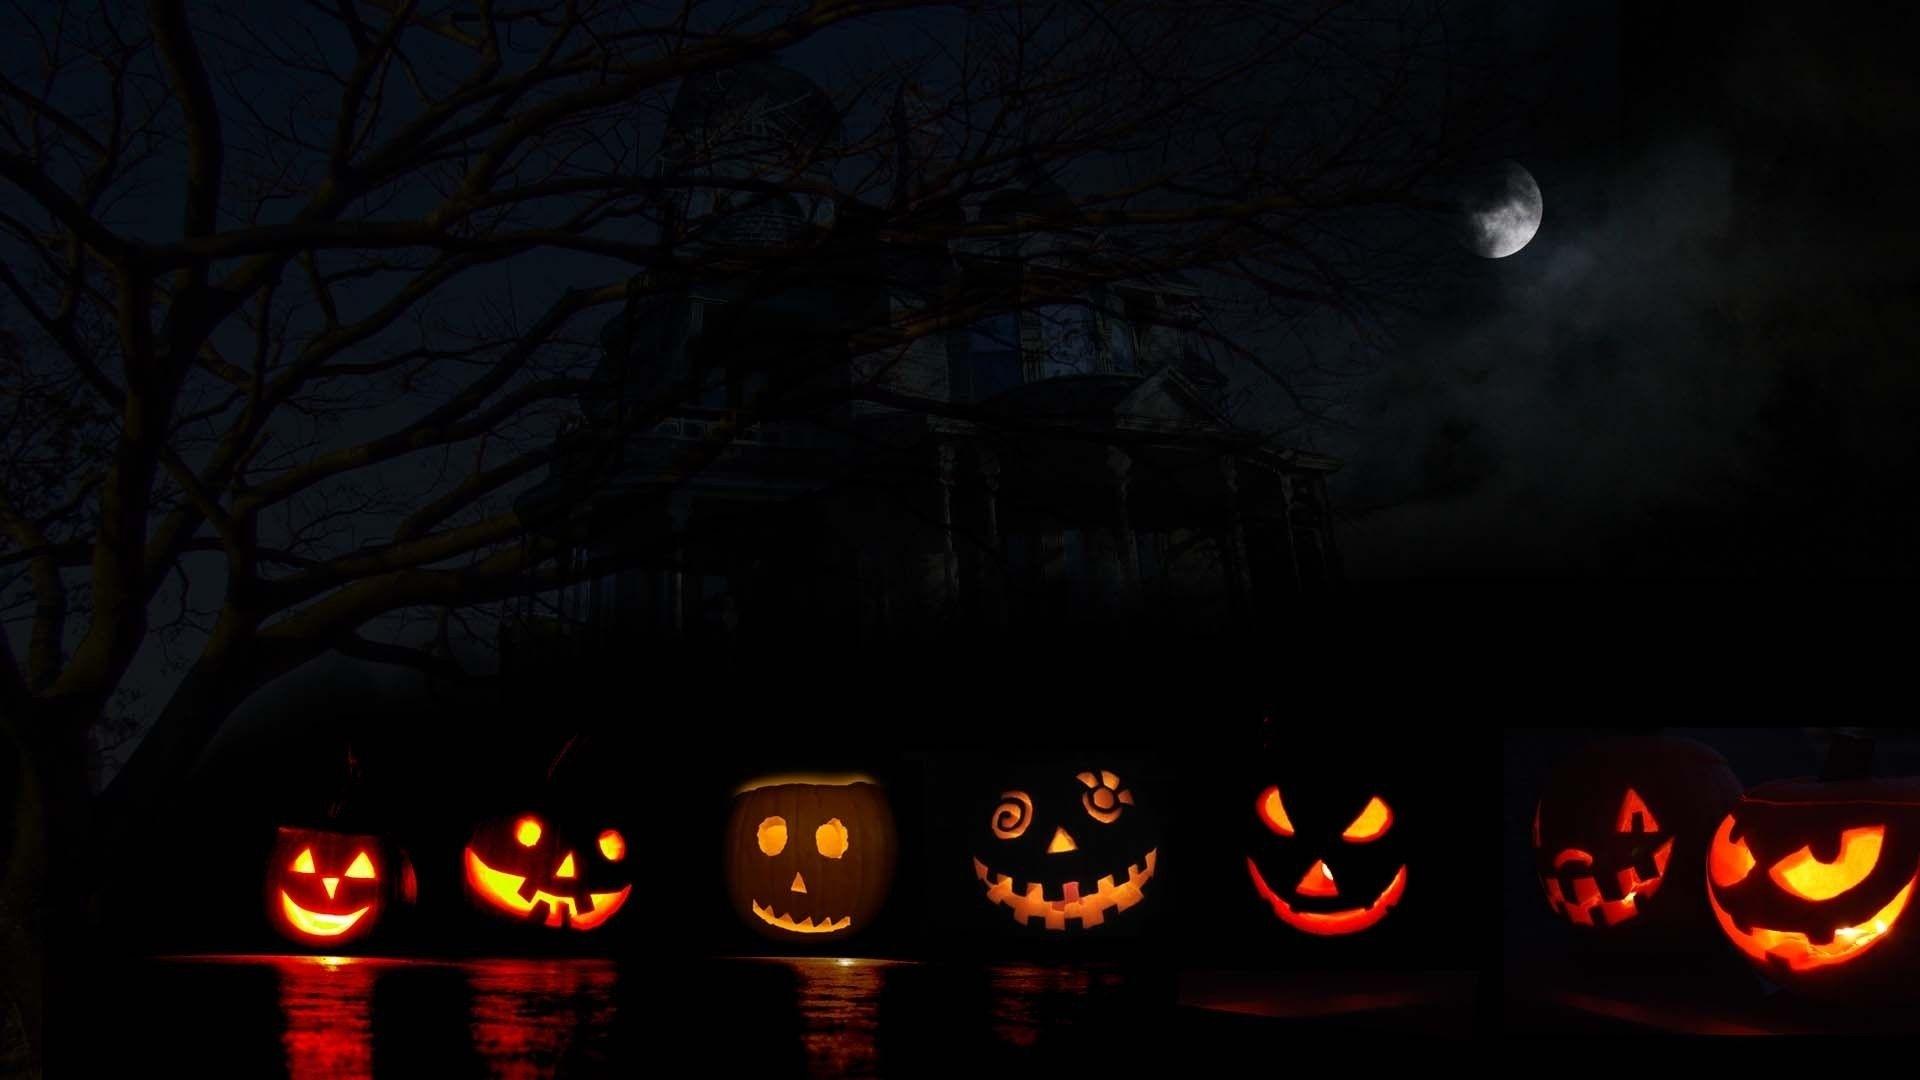 halloween desktop backgrounds wallpaper halloween | ЛУНА -moon